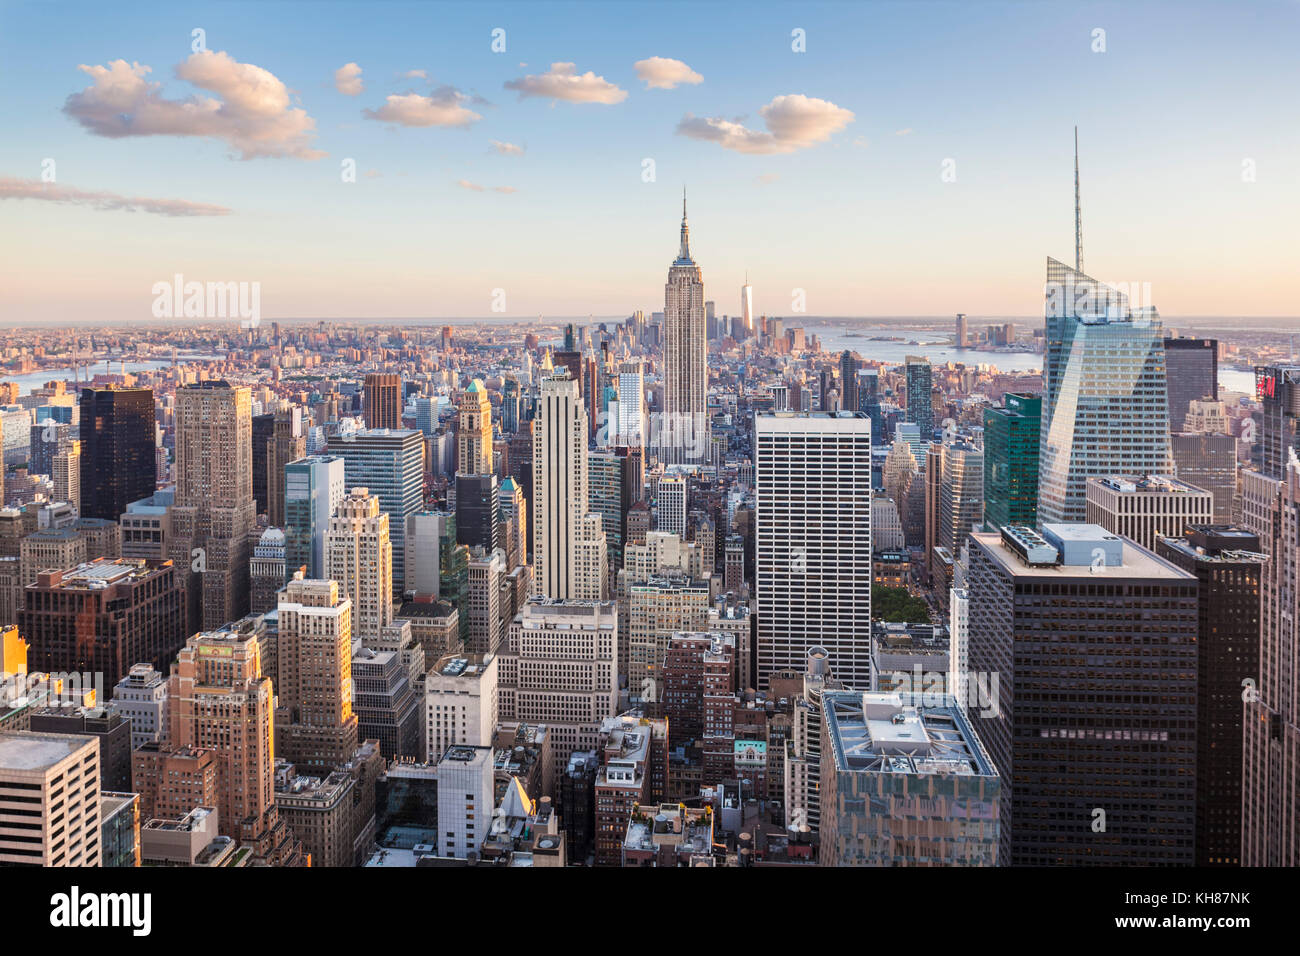 Blick auf die Skyline von Manhattan, New York Skyline, das Empire State Building, New York City, Vereinigte Staaten Stockbild